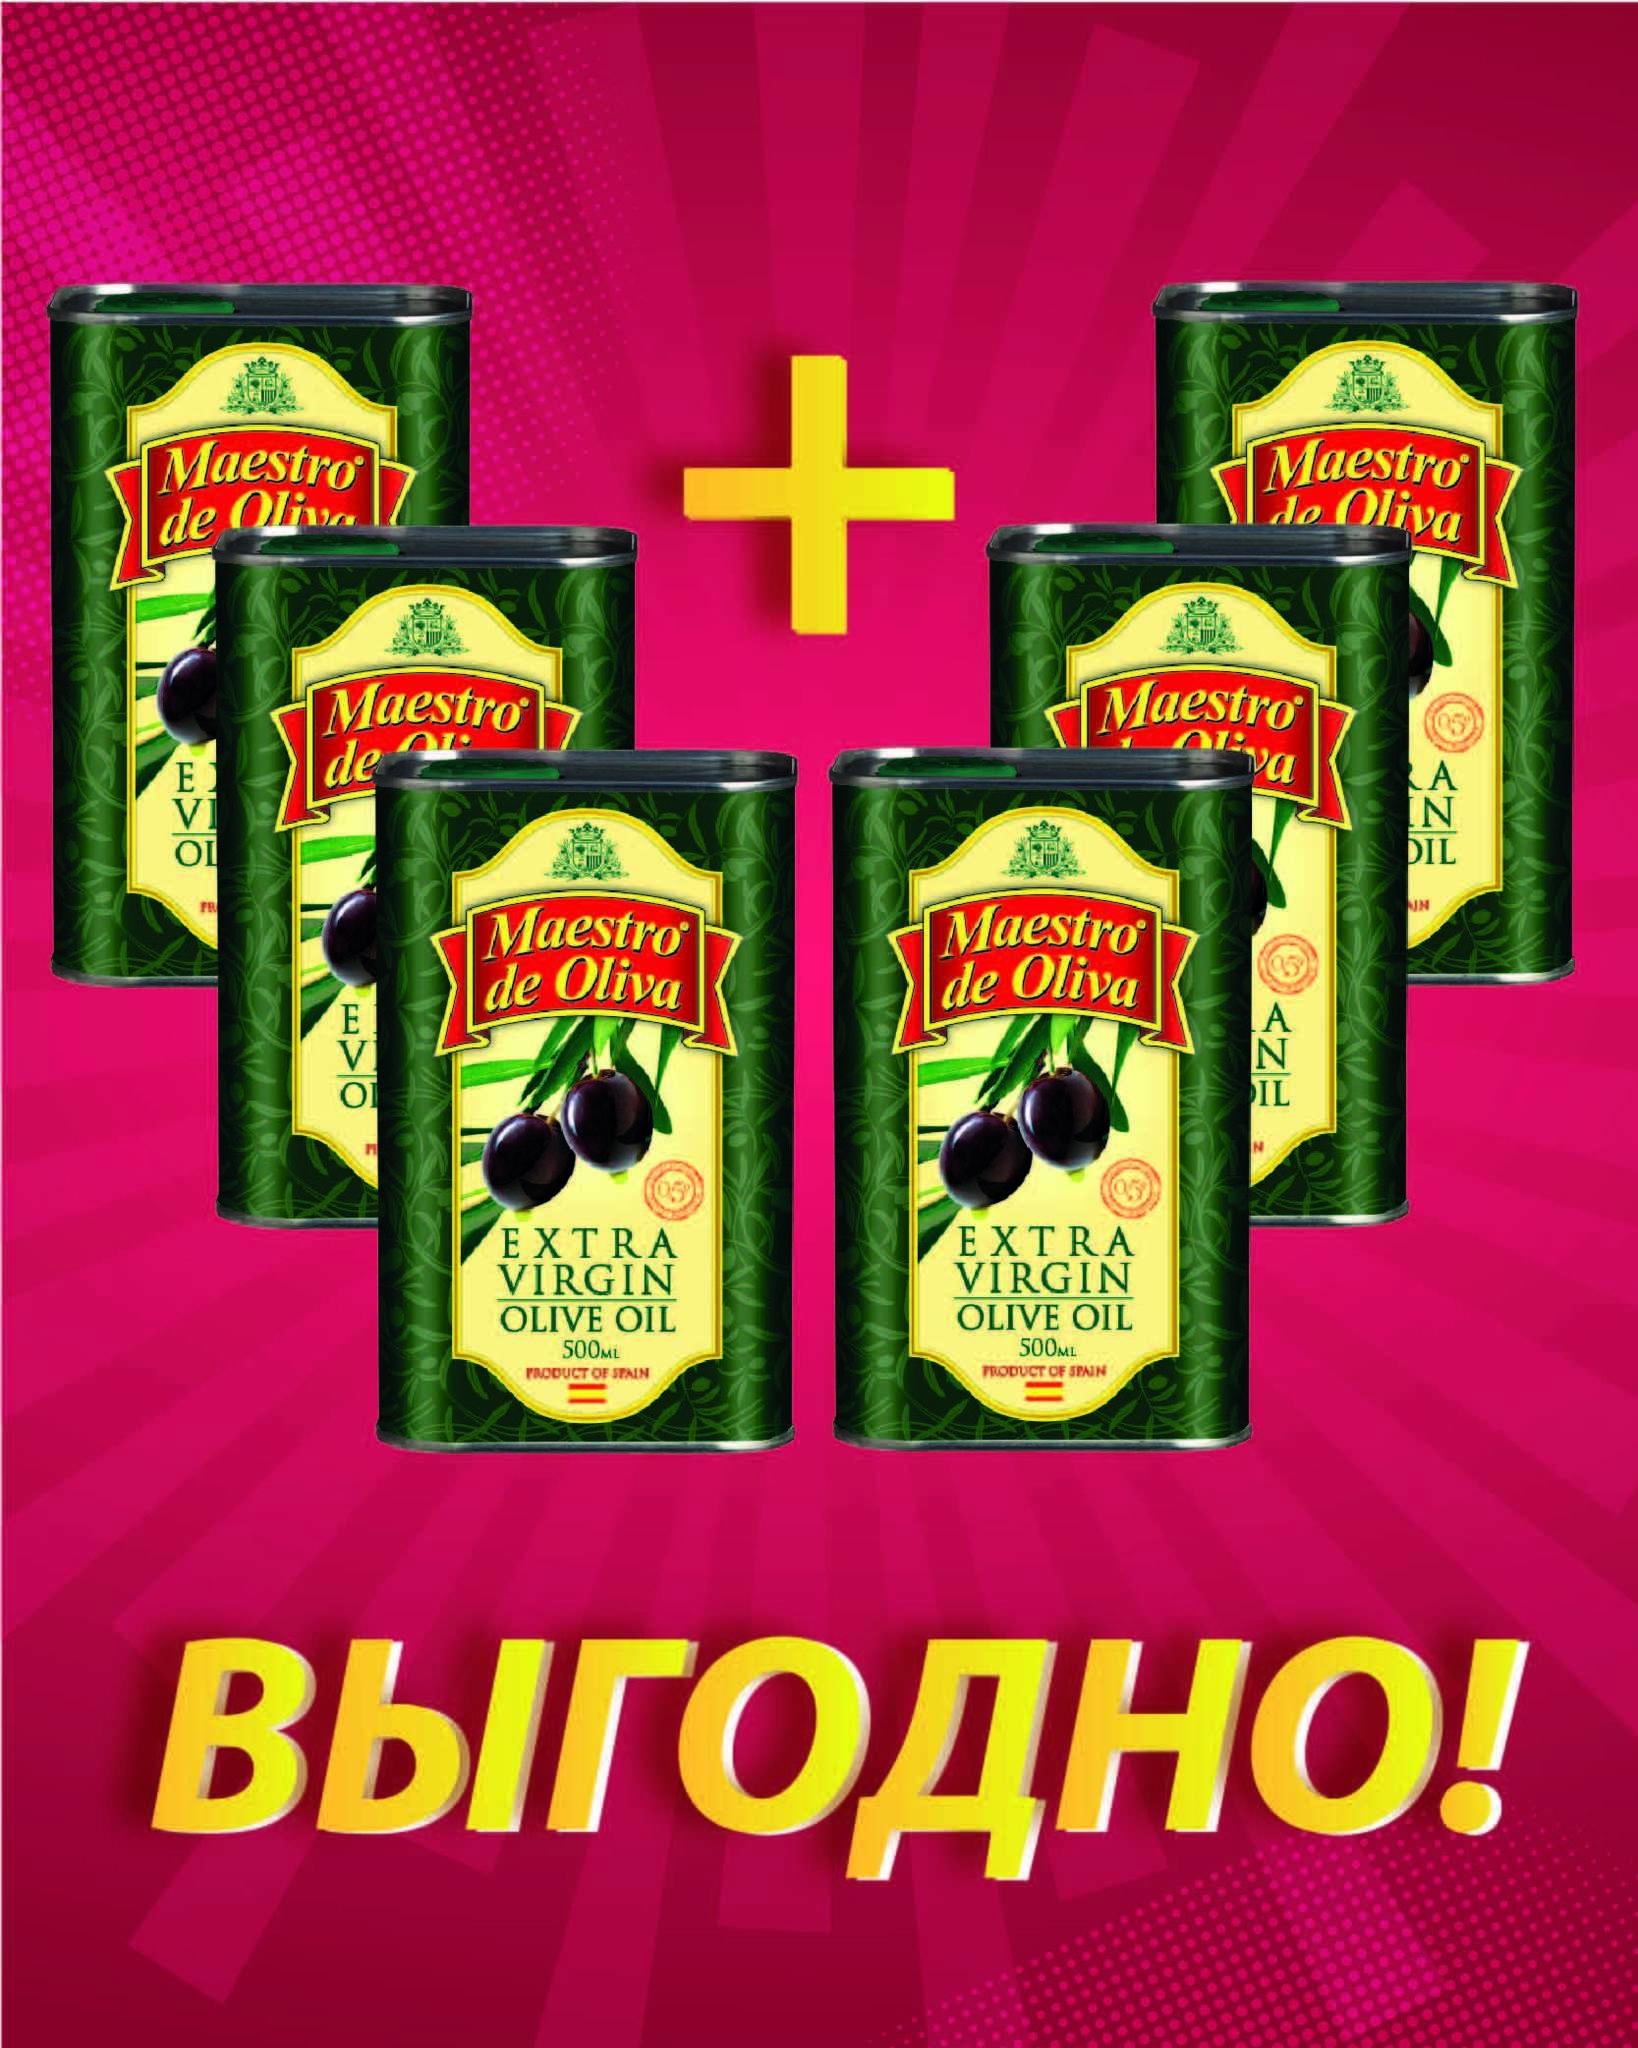 Набор Оливкового Масла Maestro de Oliva Экстра Вирджин 0,5л. из 6 шт. ж/б